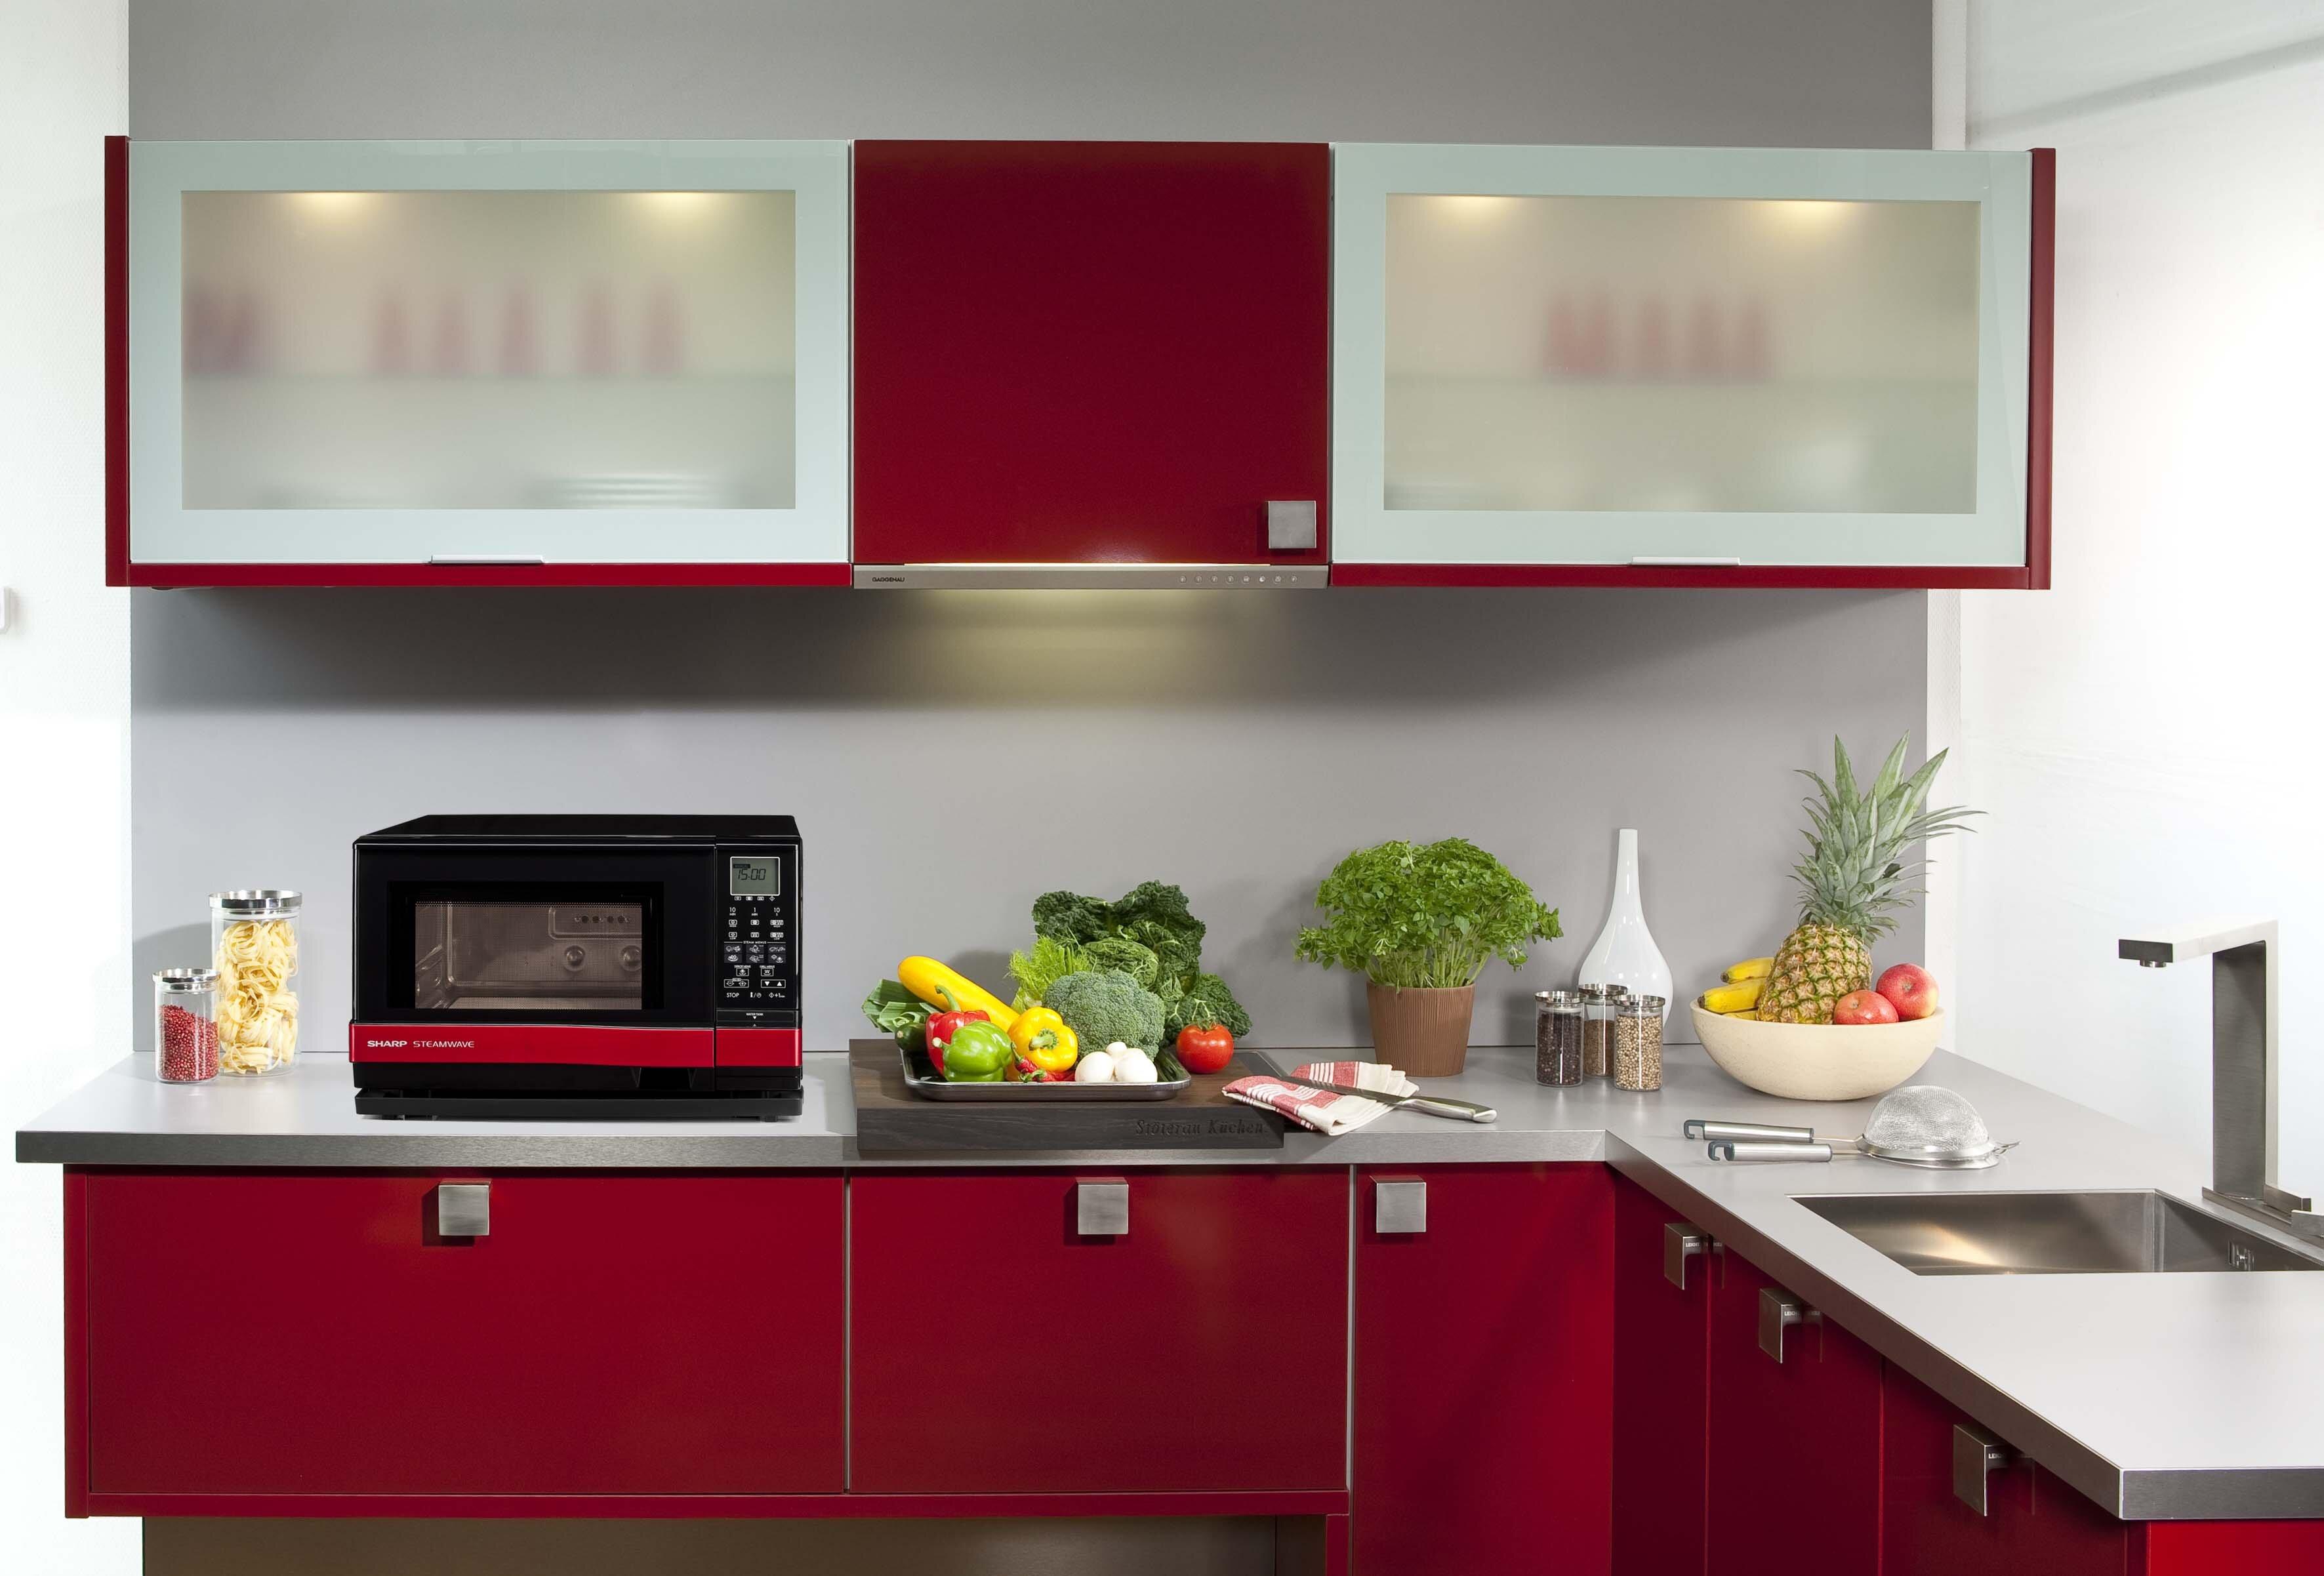 Xem xét vị trí phù hợp lắp đặt lò vi sóng trong căn bếp nhà bạn